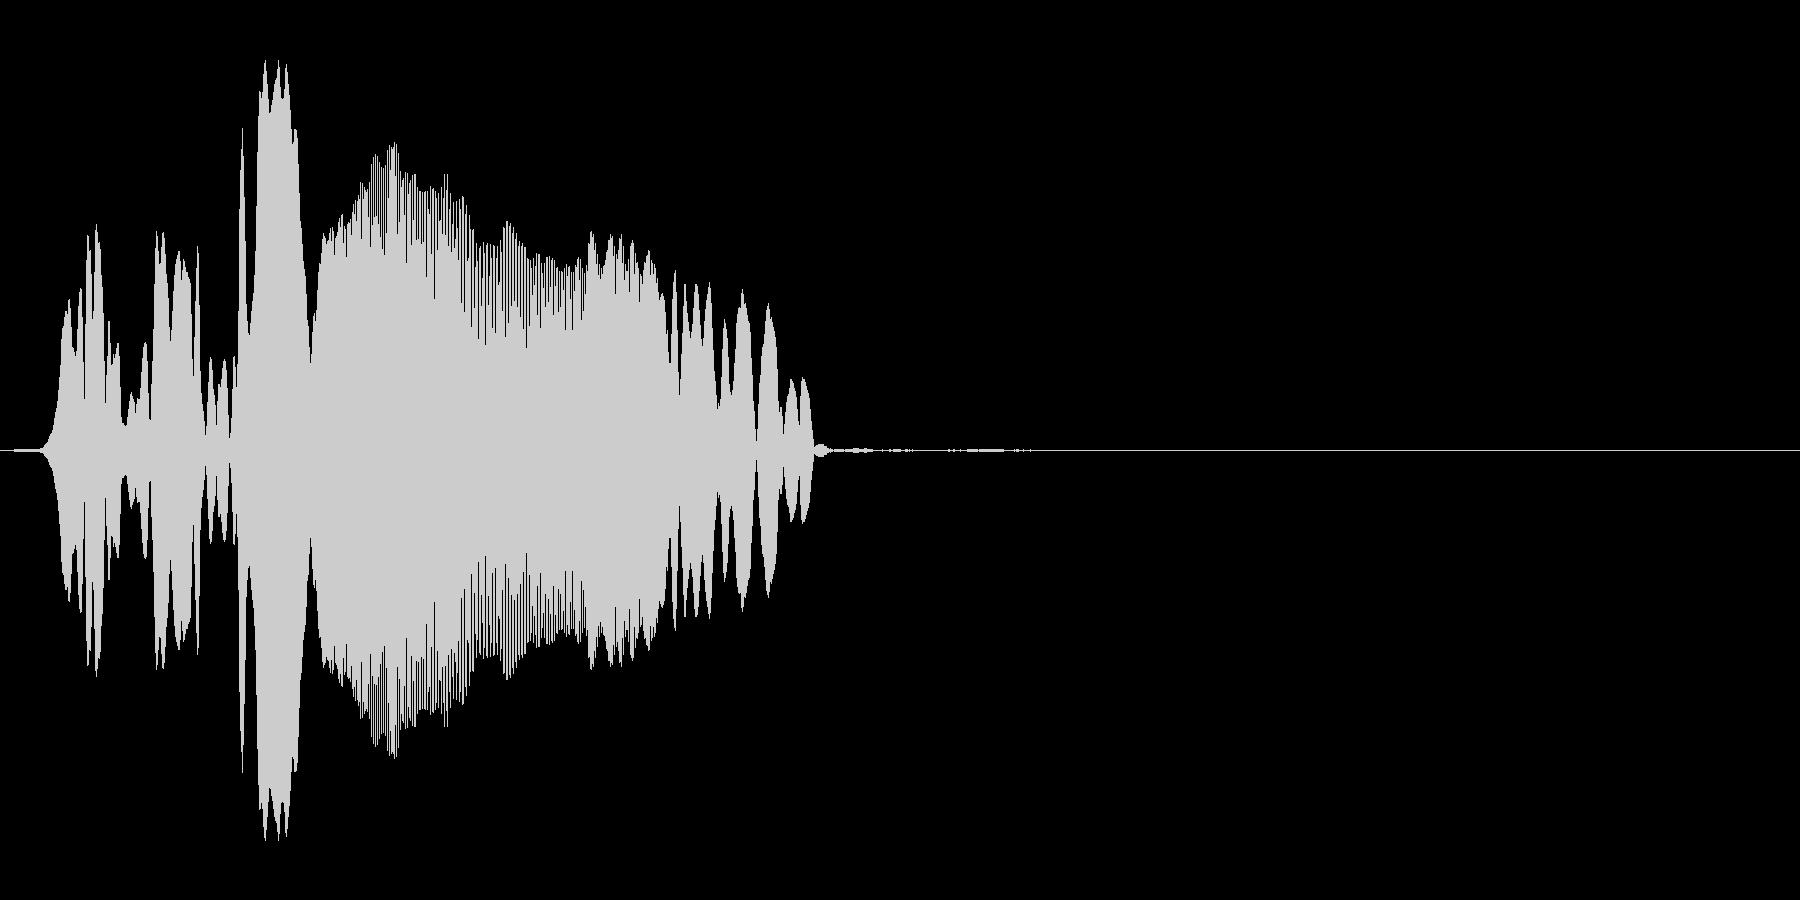 ピュー(動画・画面の枠が開くor閉じる)の未再生の波形